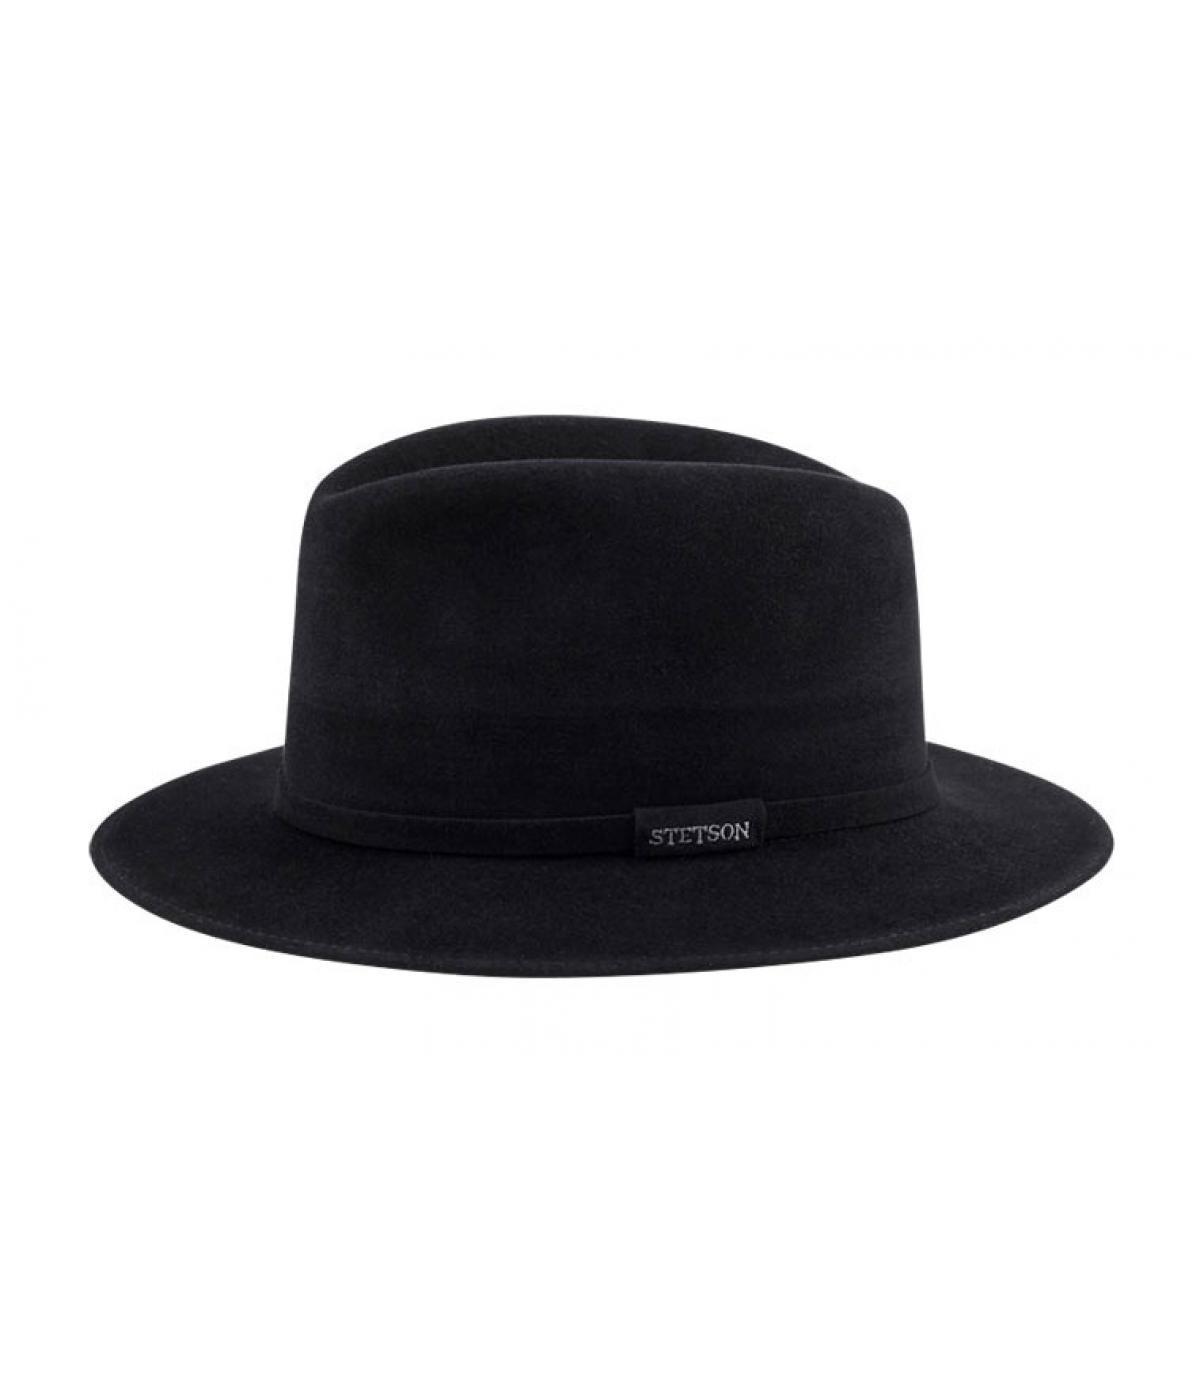 Sombrero borsalino stetson